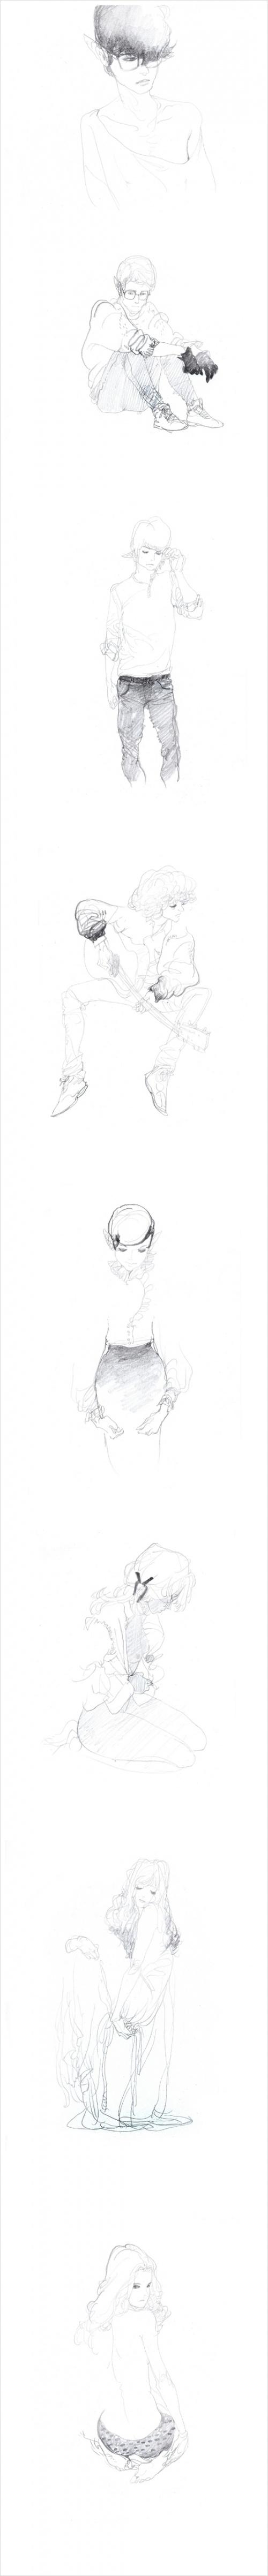 Этот Чудесный Рисованный Мир - 147 (101 работ)